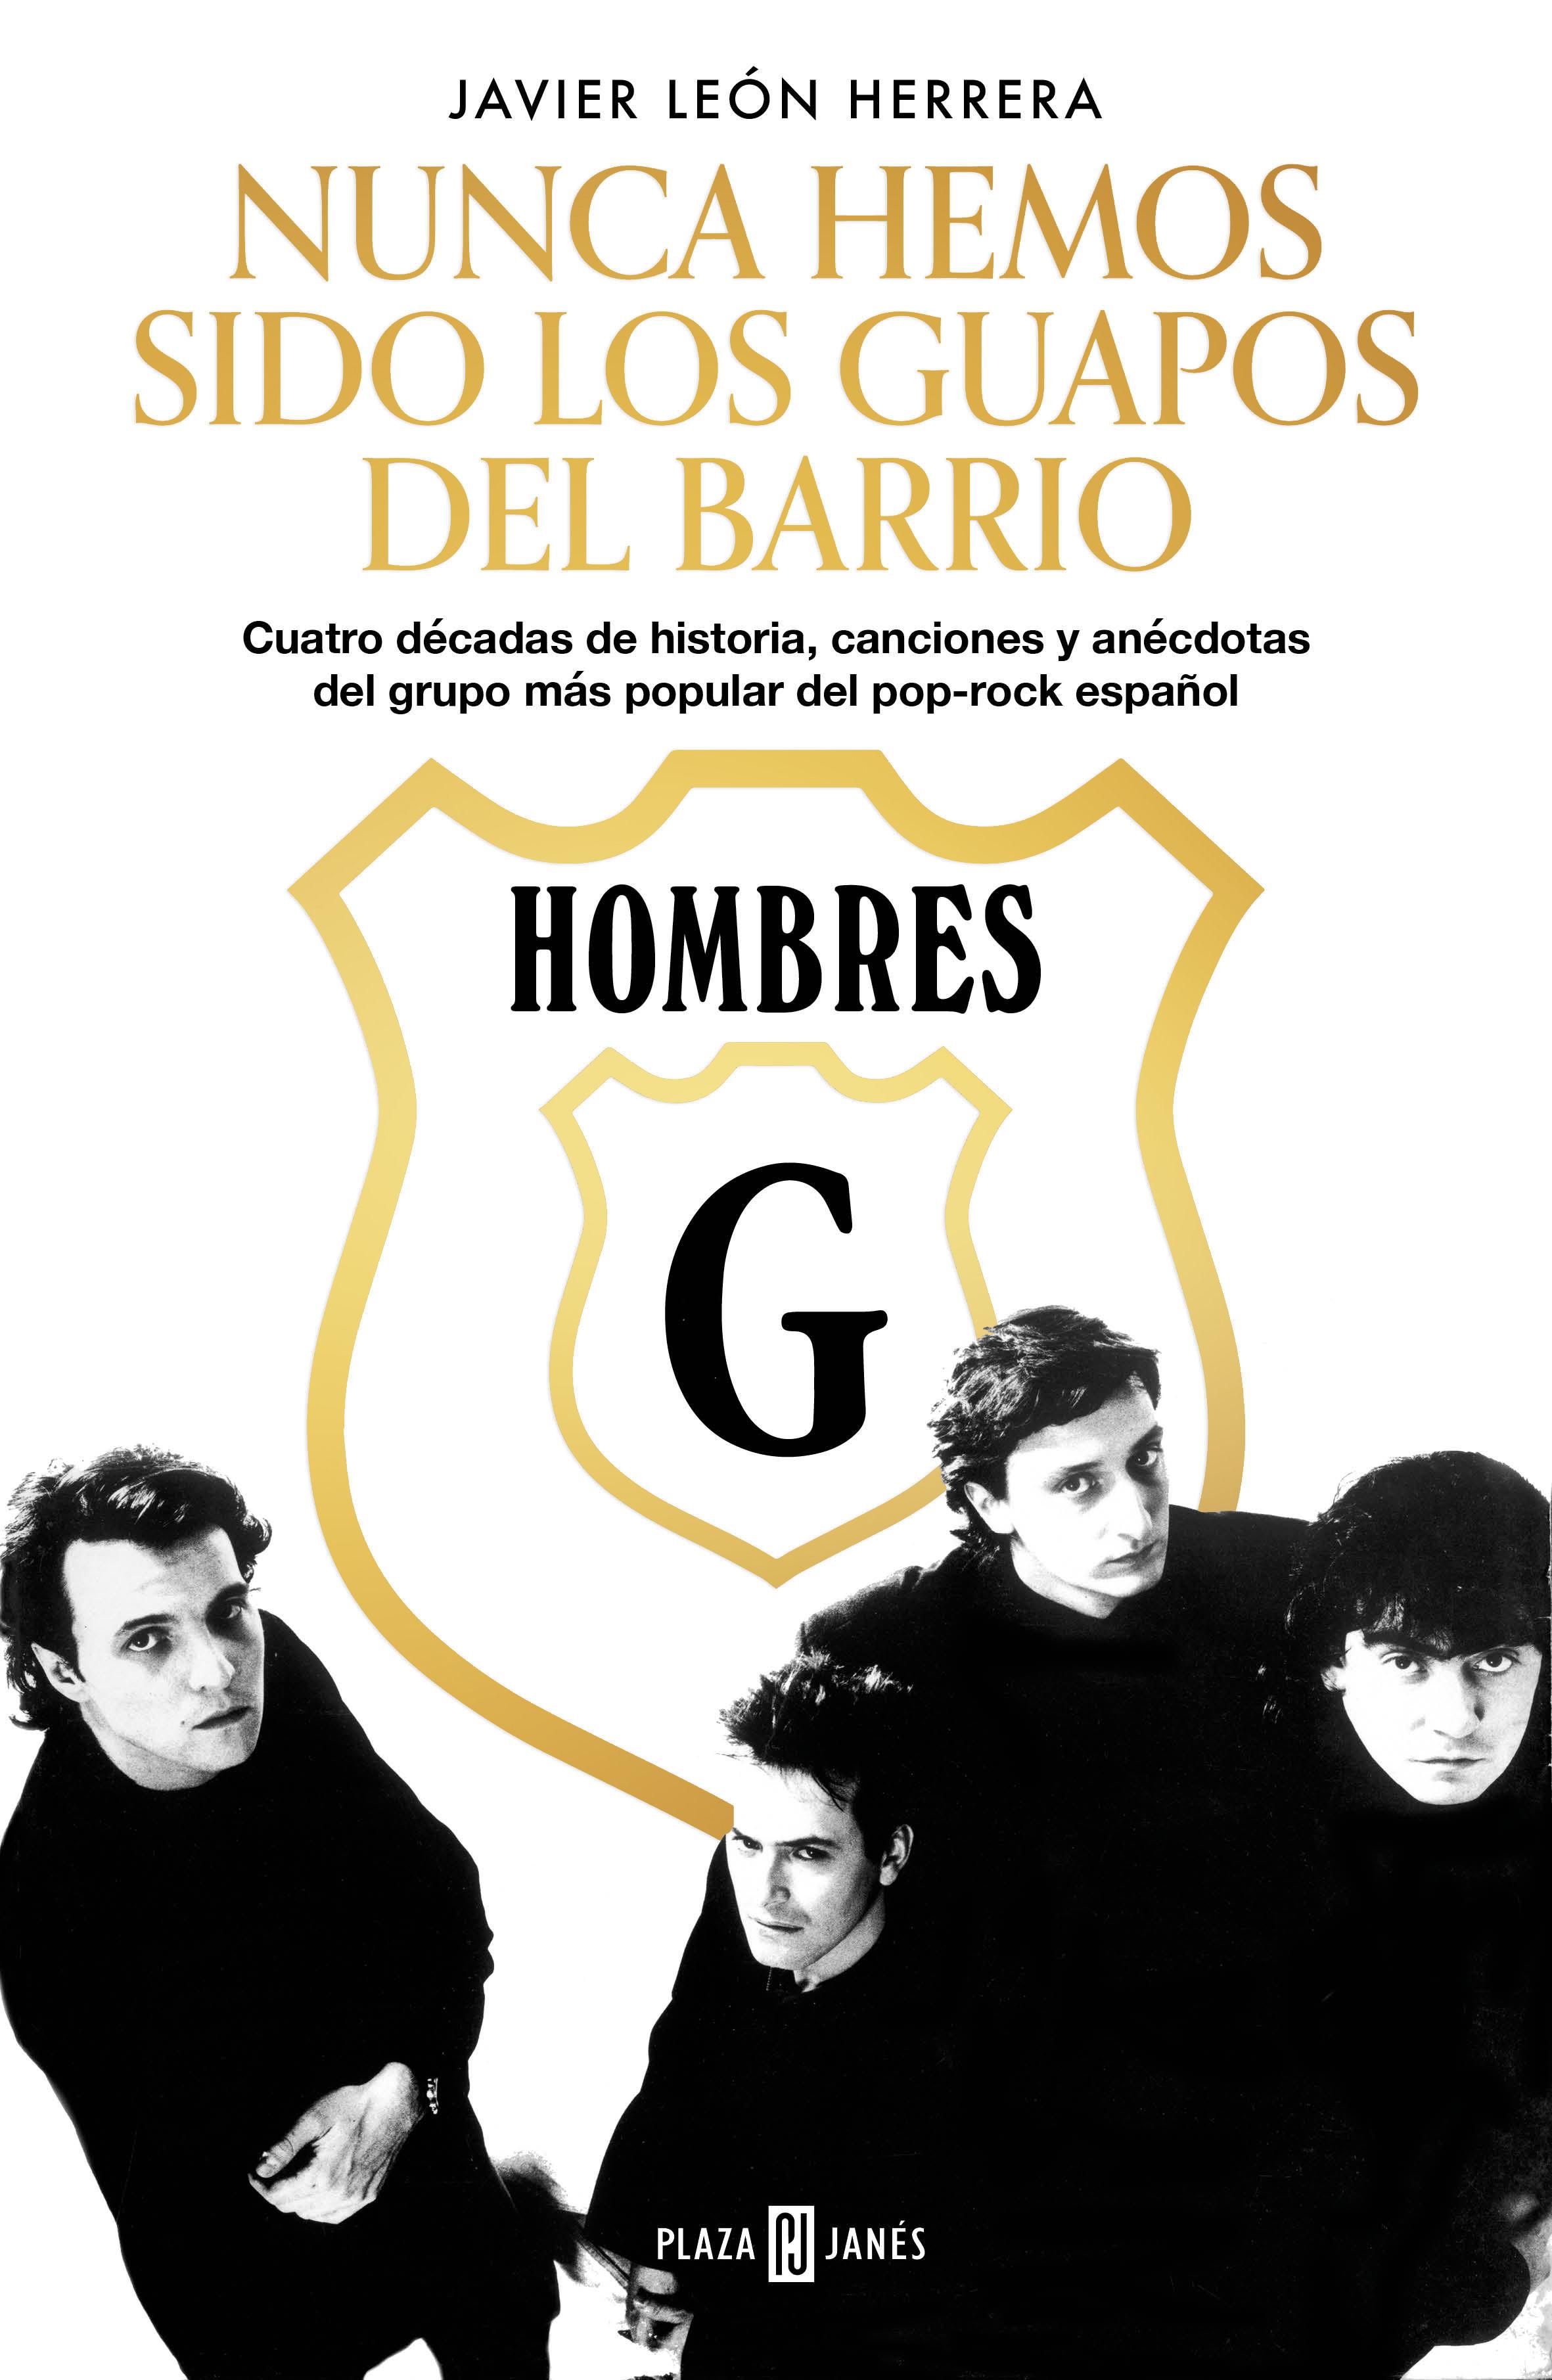 HOMBRES G NUNCA HEMOS SIDO LOS GUAPOS DEL BARRIO